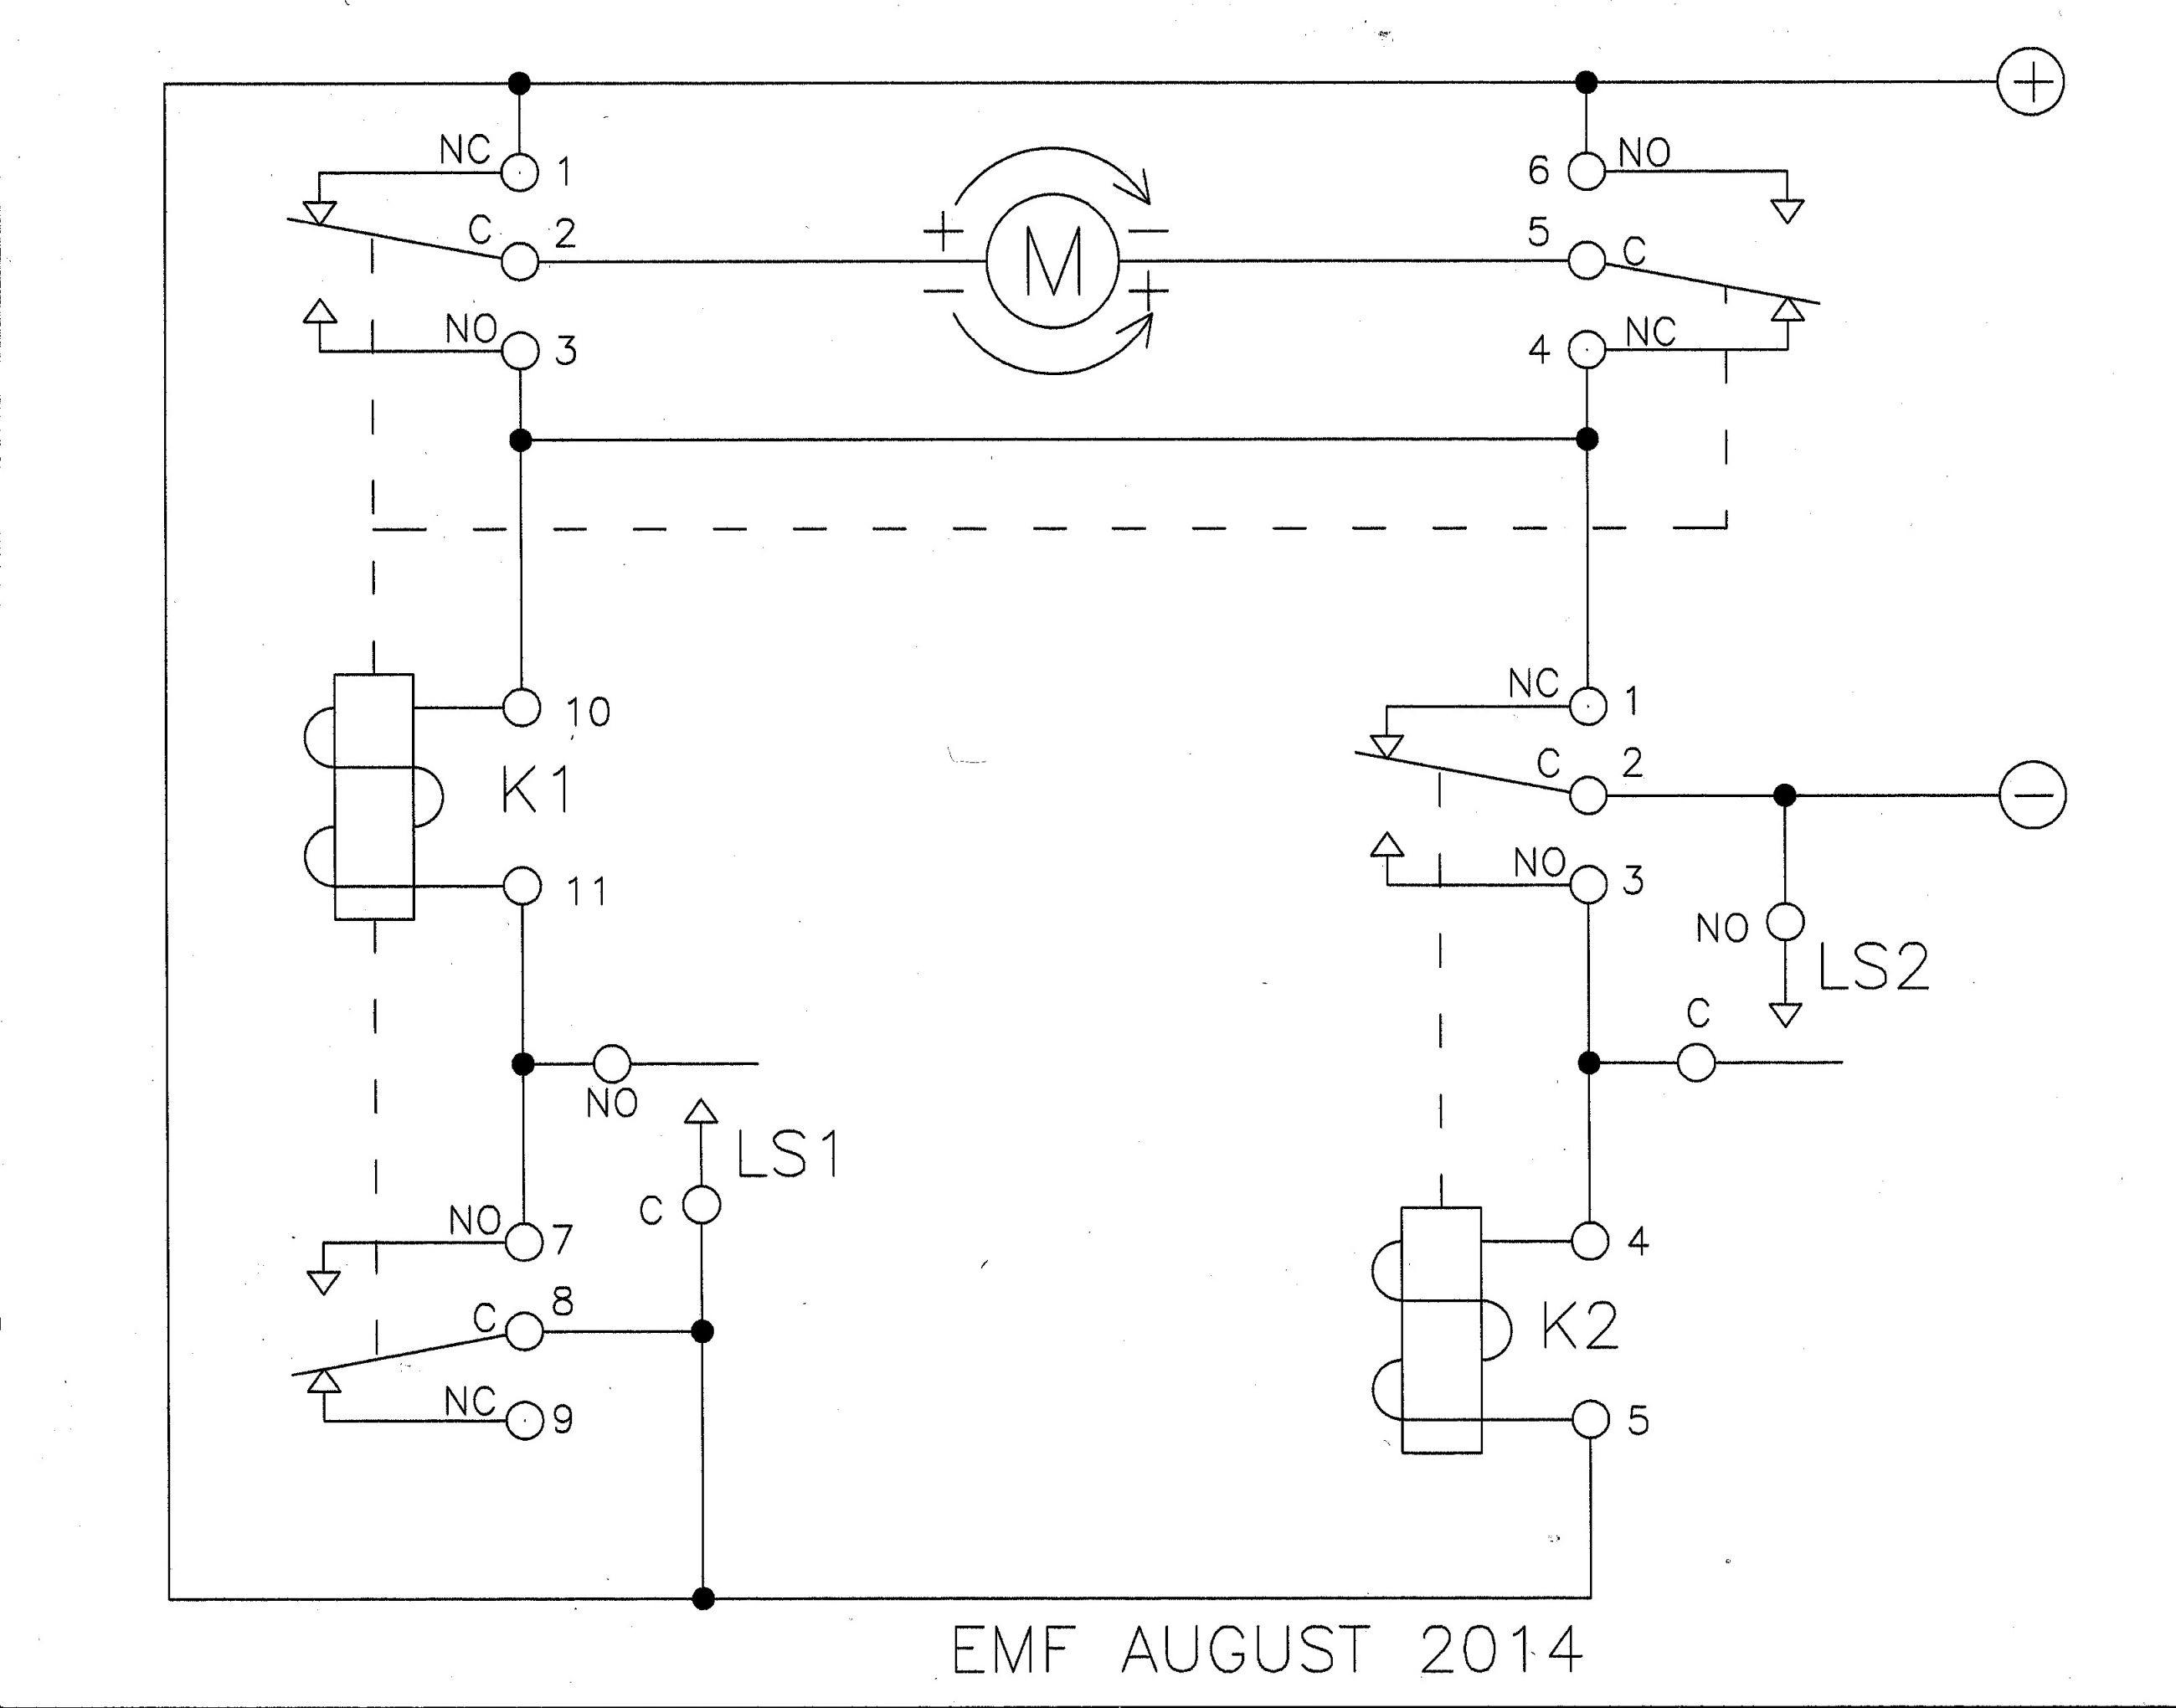 Spdt Relay Wiring Diagram Datsun - Wire Management & Wiring ... on